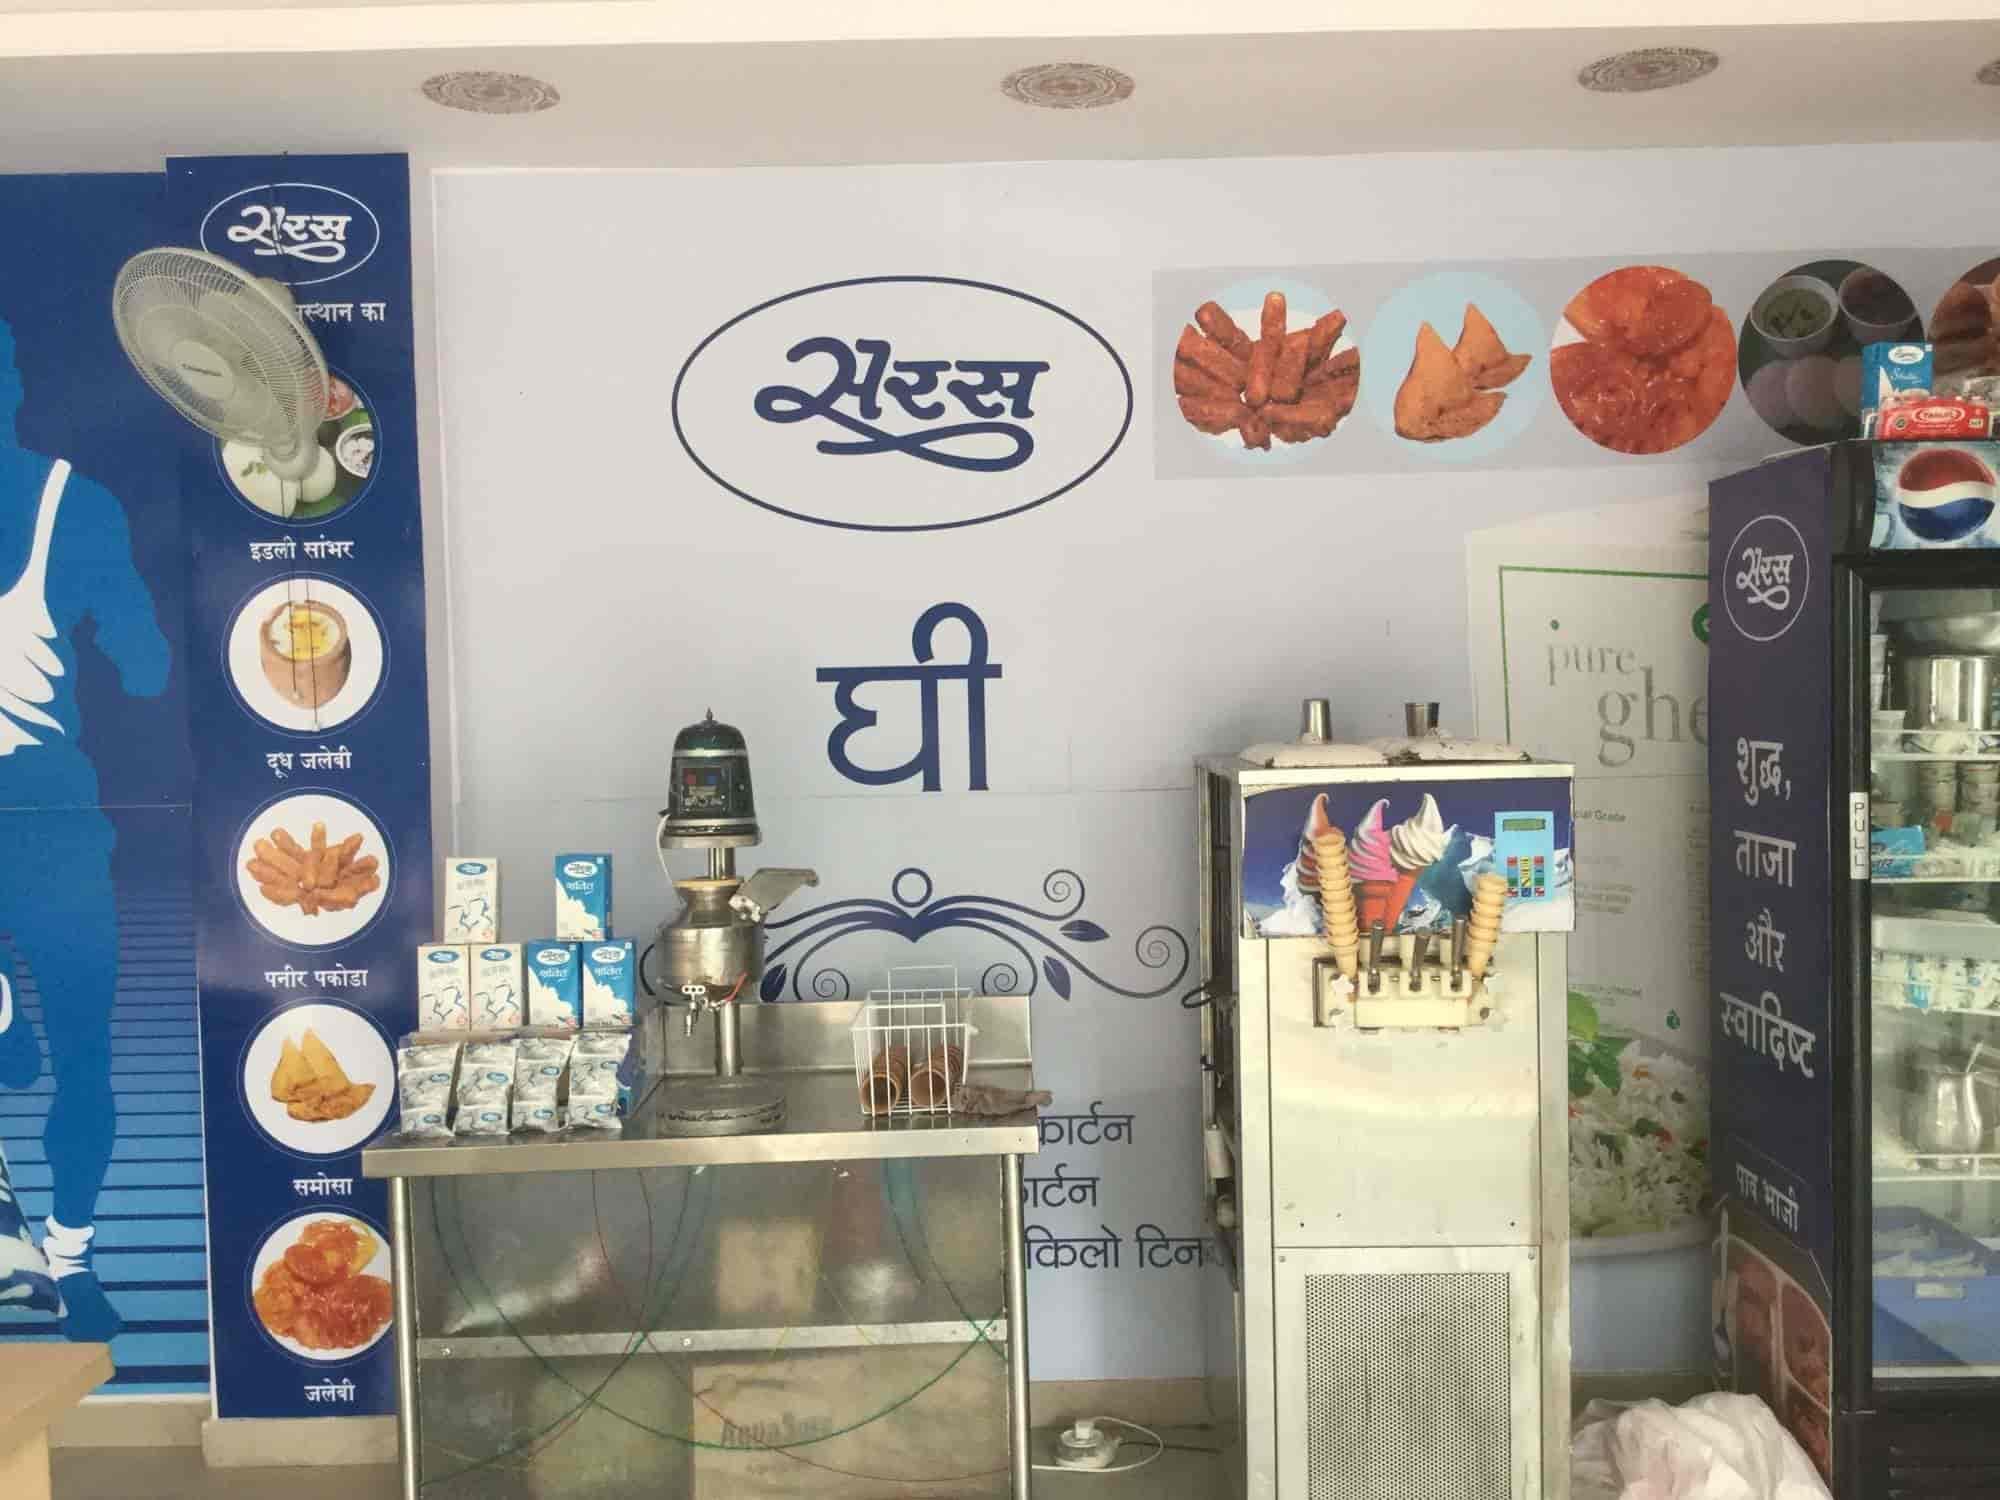 SARAS Parlour, Vaishali Nagar - Milk Dairy in Jaipur - Justdial